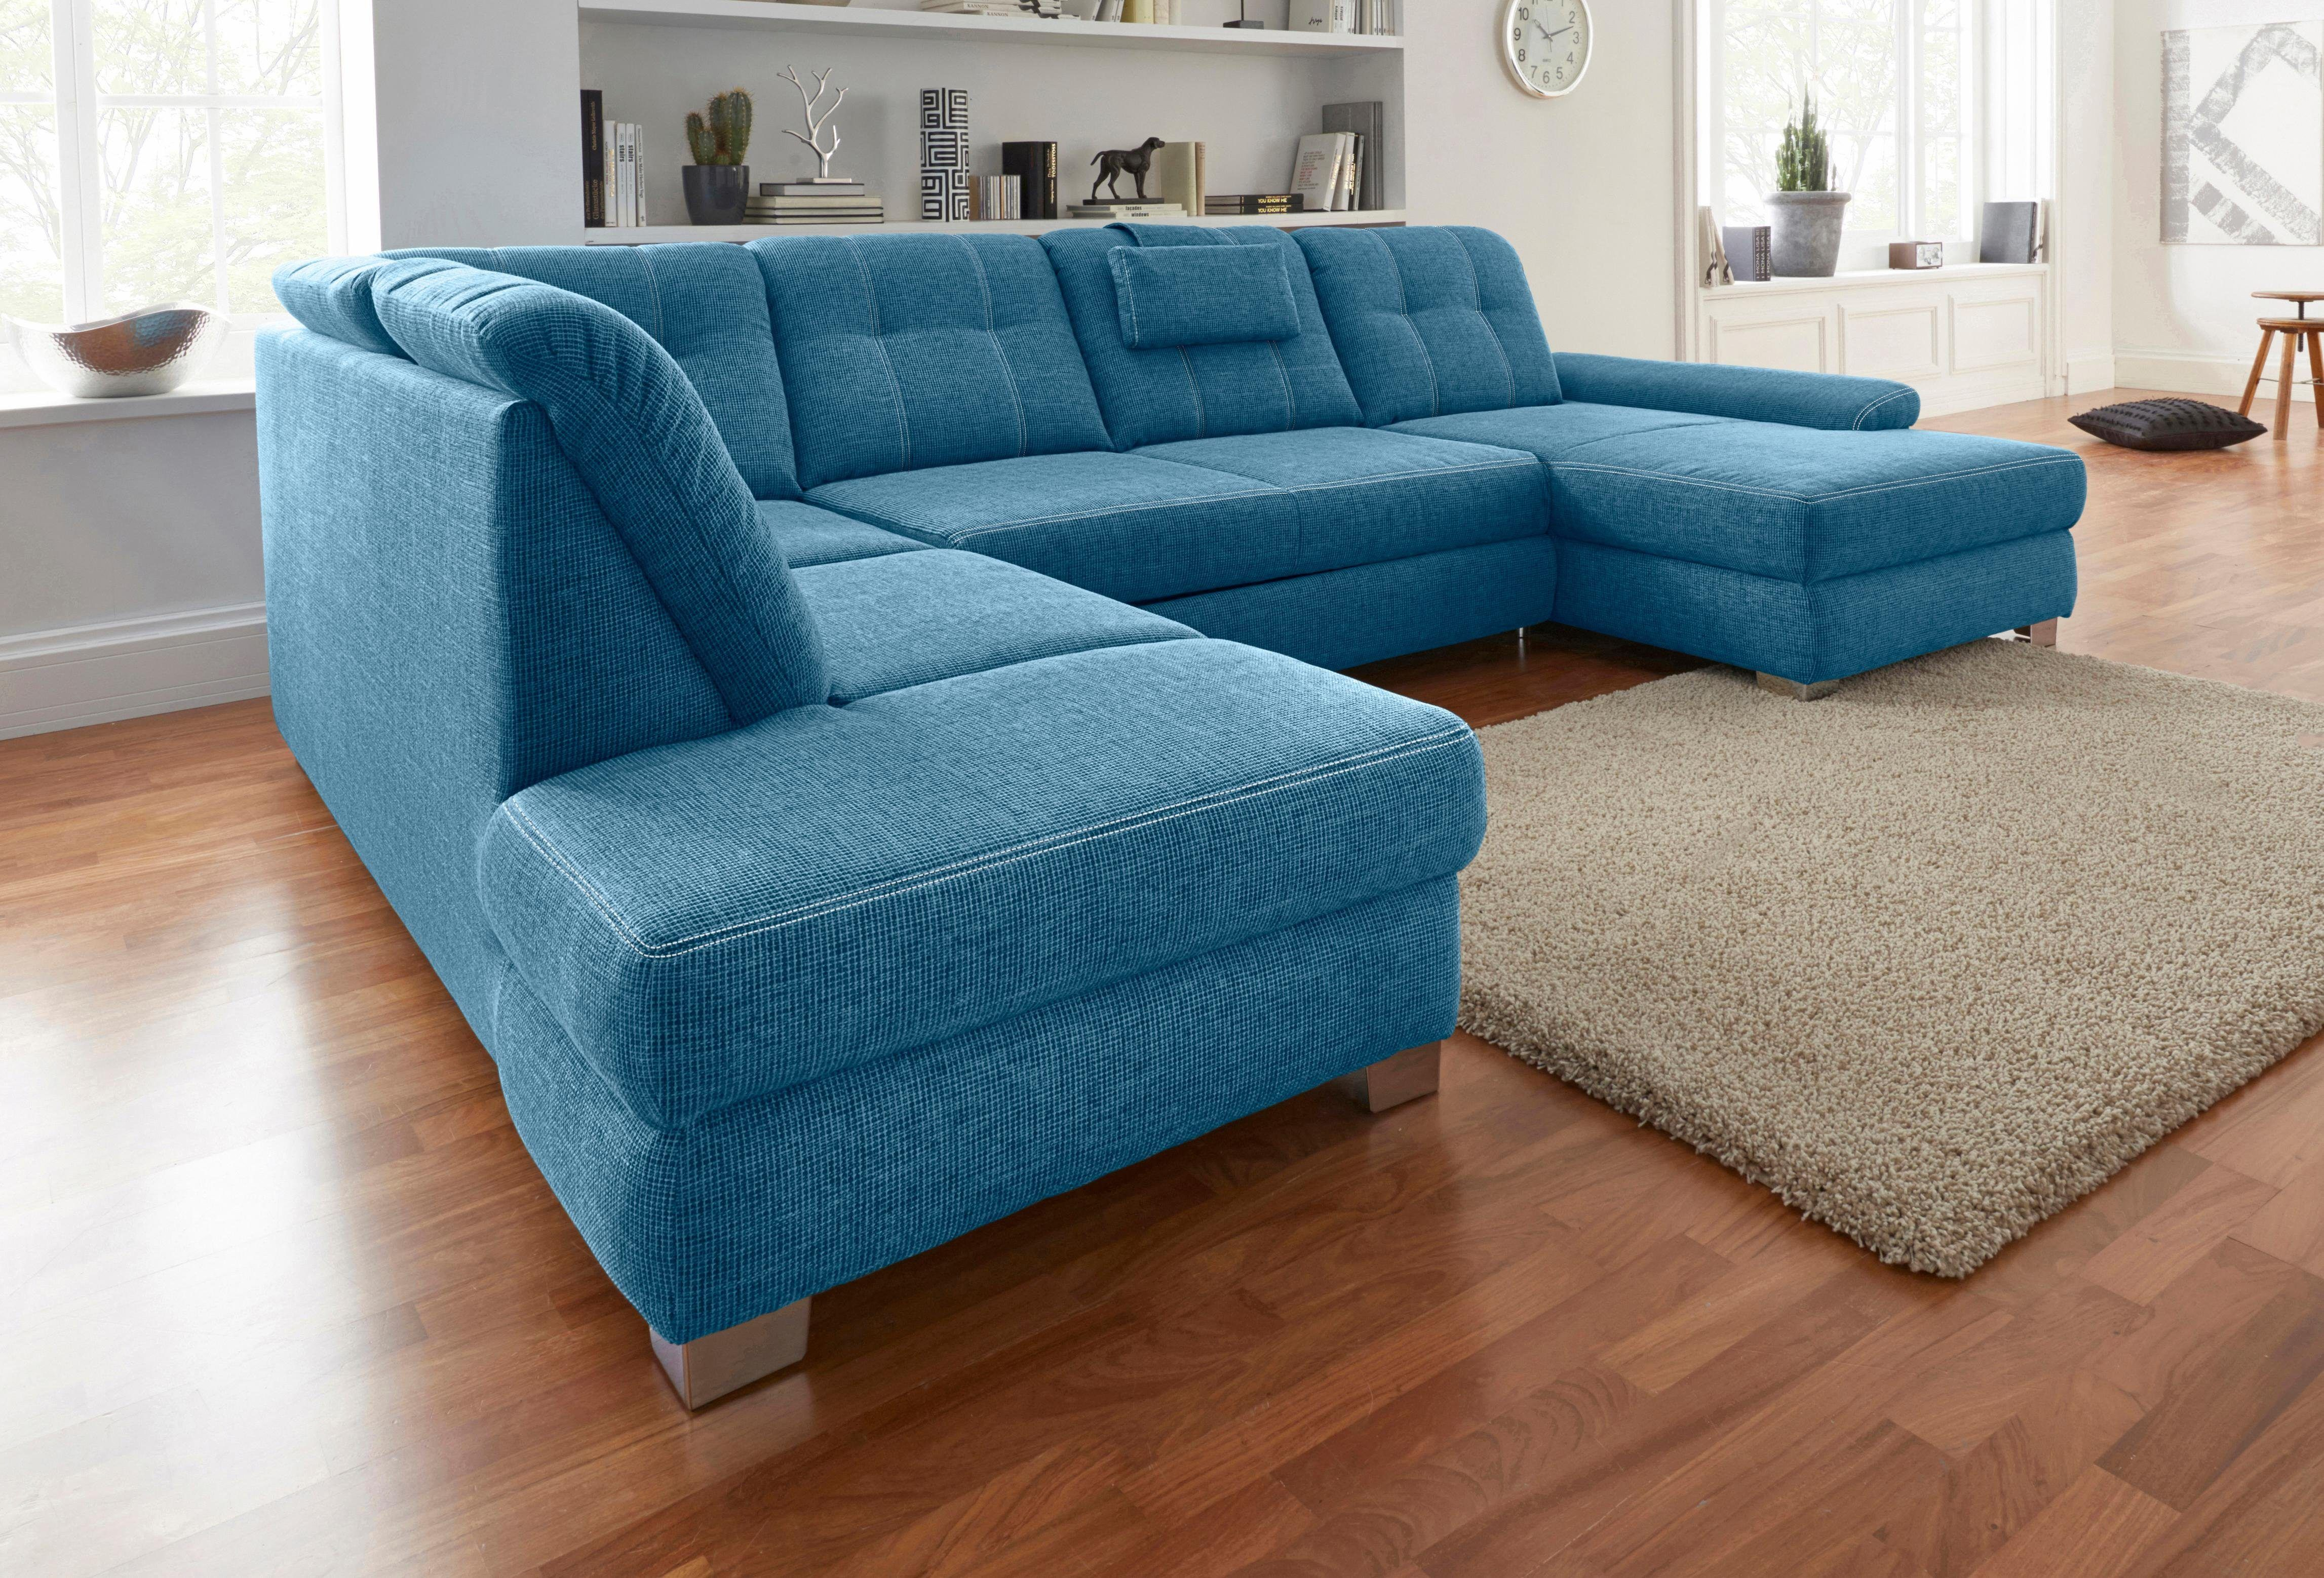 Elegant Sofa Mit Sitztiefenverstellung Foto Von Wohnlandschaft Grün, Sitztiefenverstellung, Ottomane Links, Bettkasten, Fsc®-zertifiziert